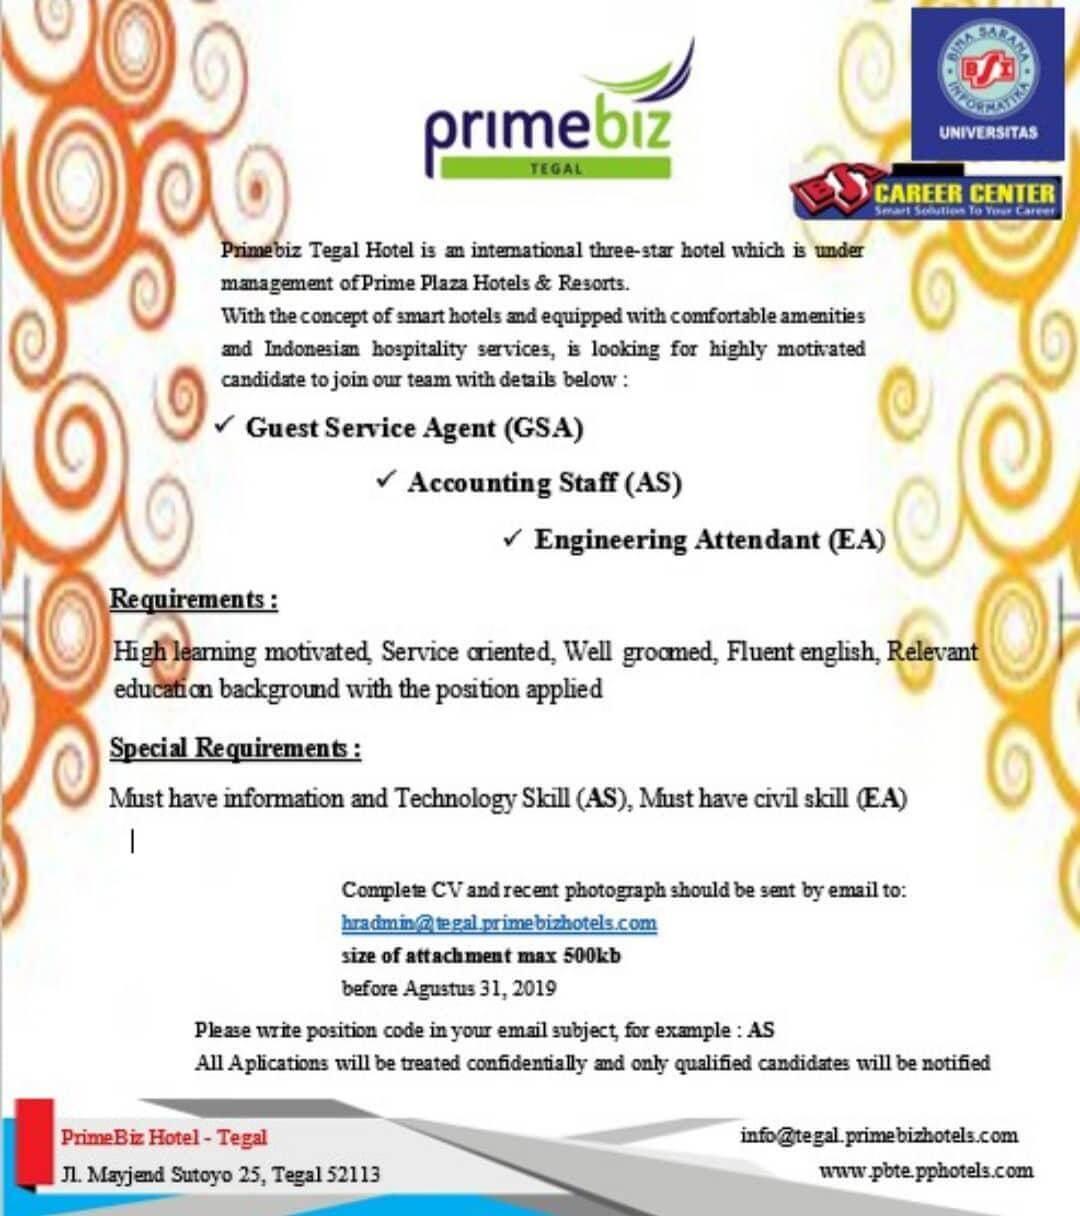 Primebiz Tegal Hotel